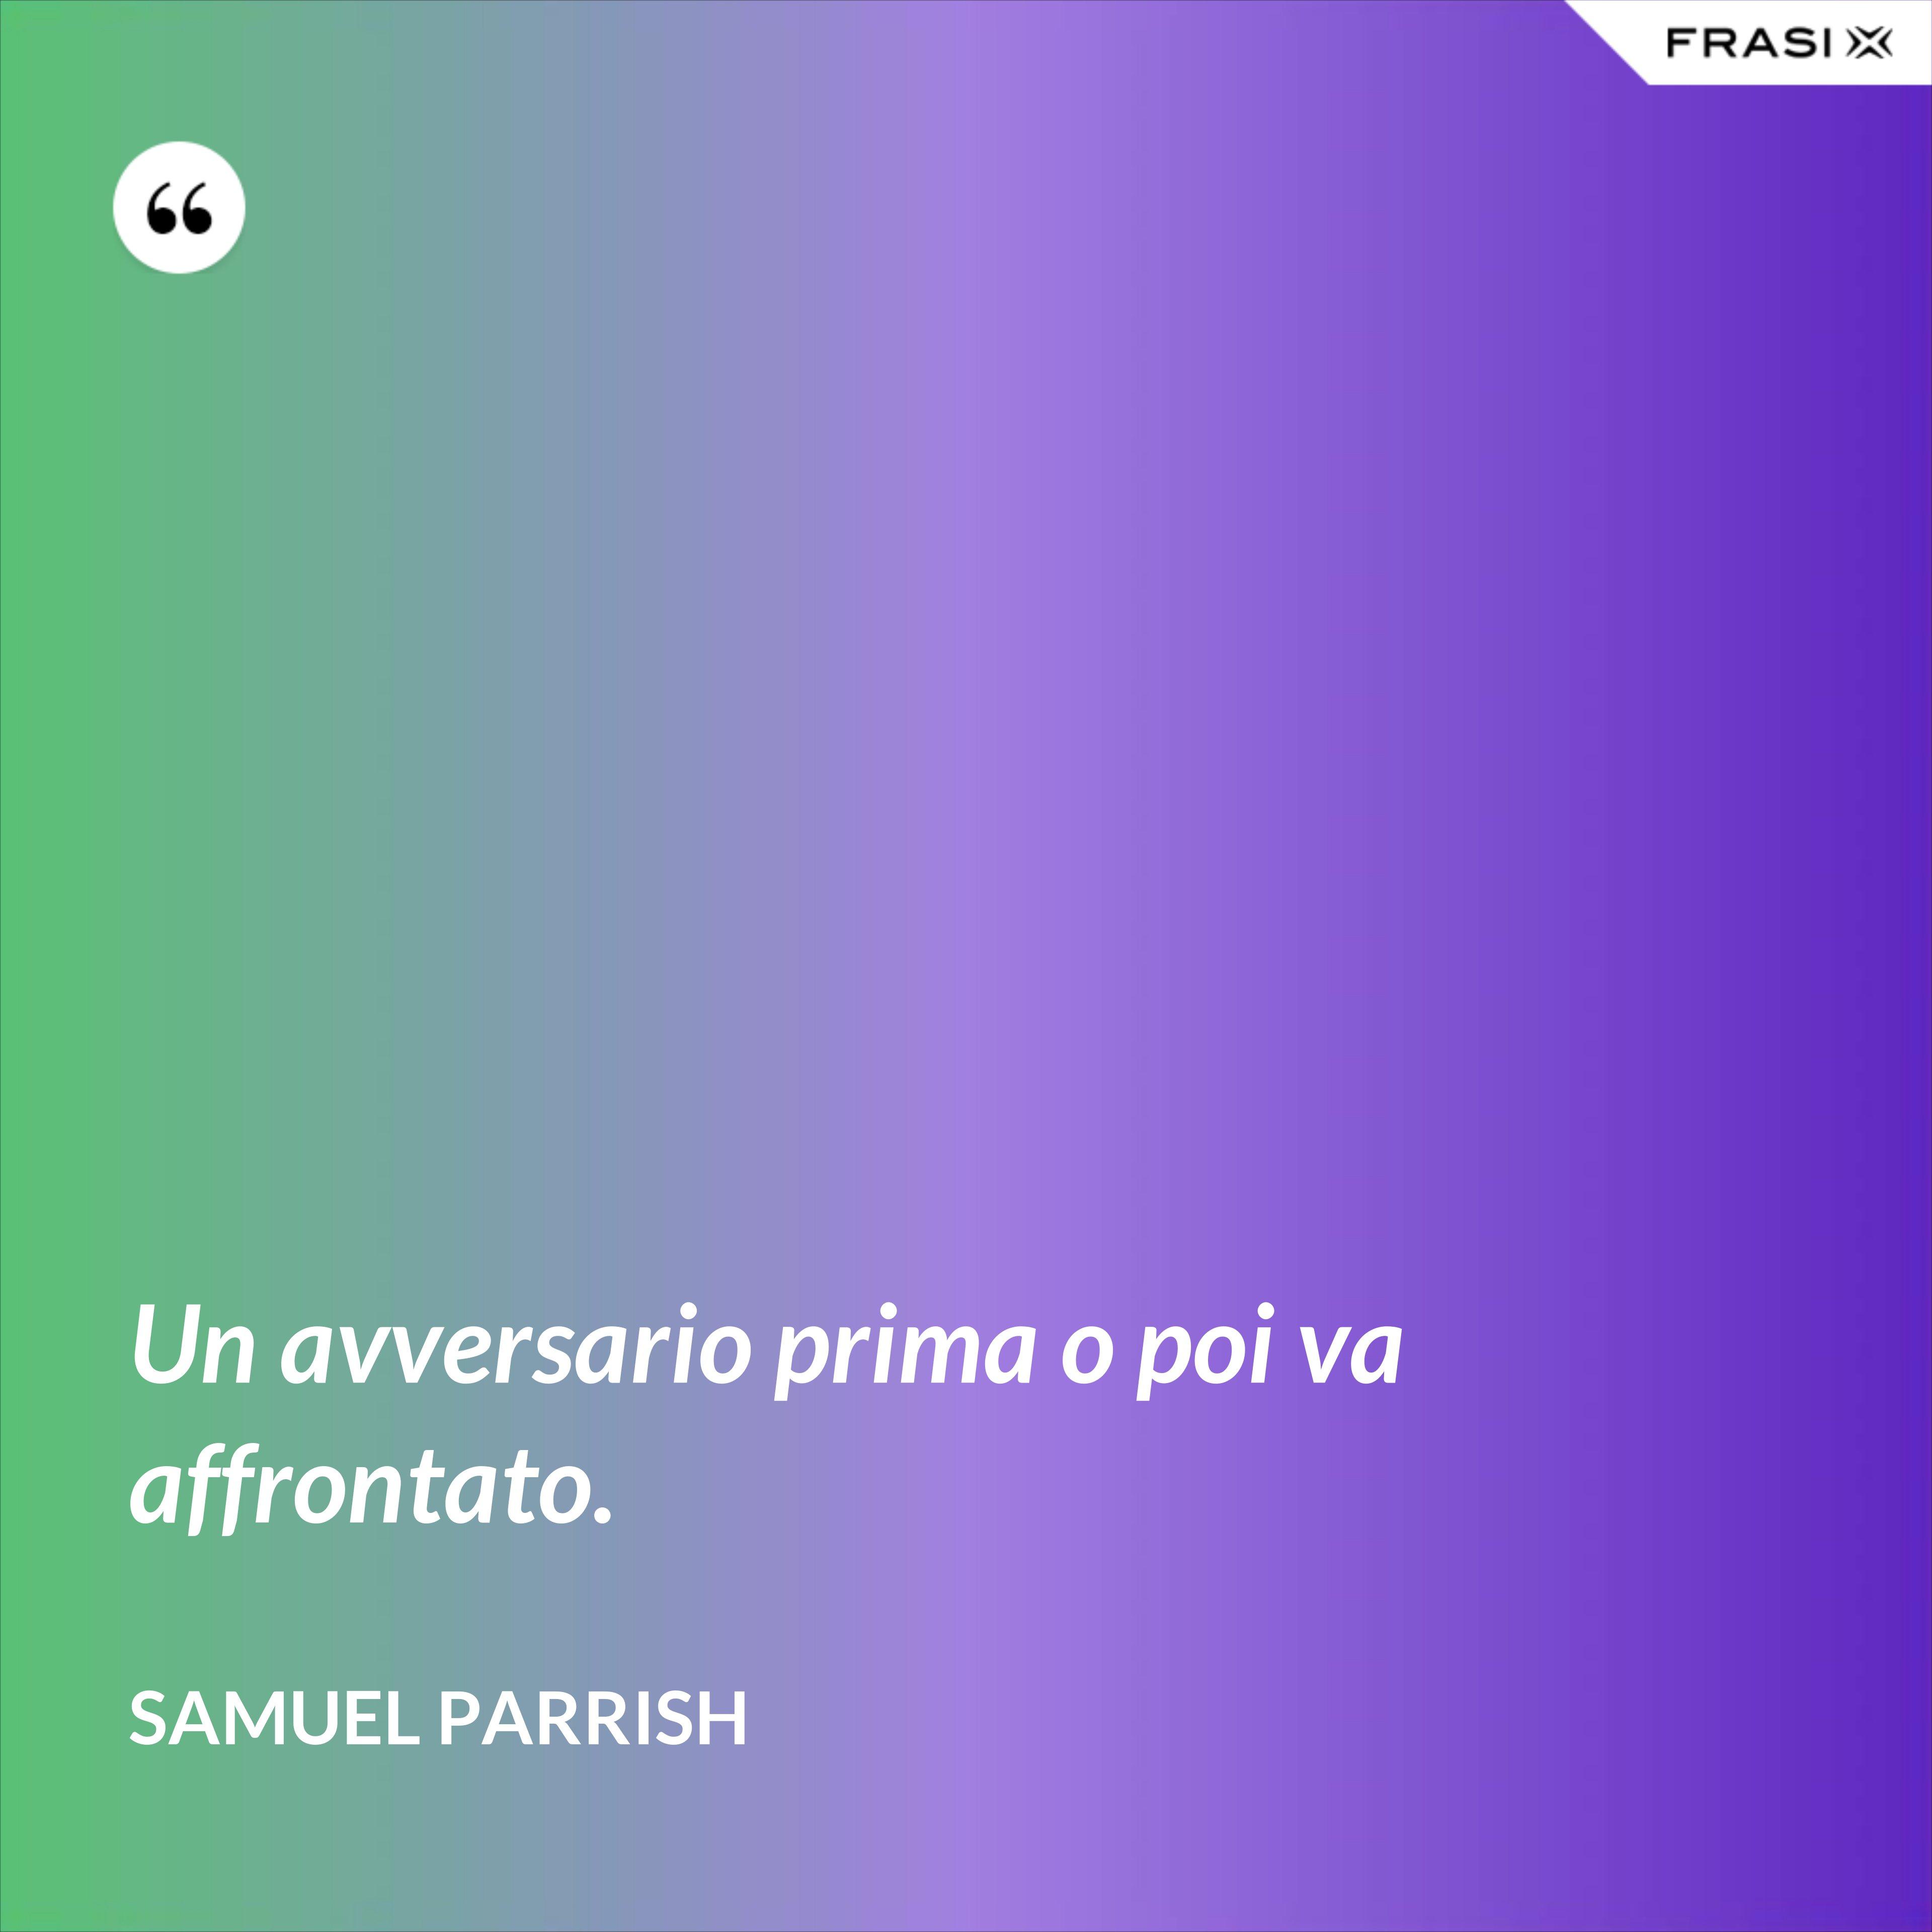 Un avversario prima o poi va affrontato. - Samuel Parrish